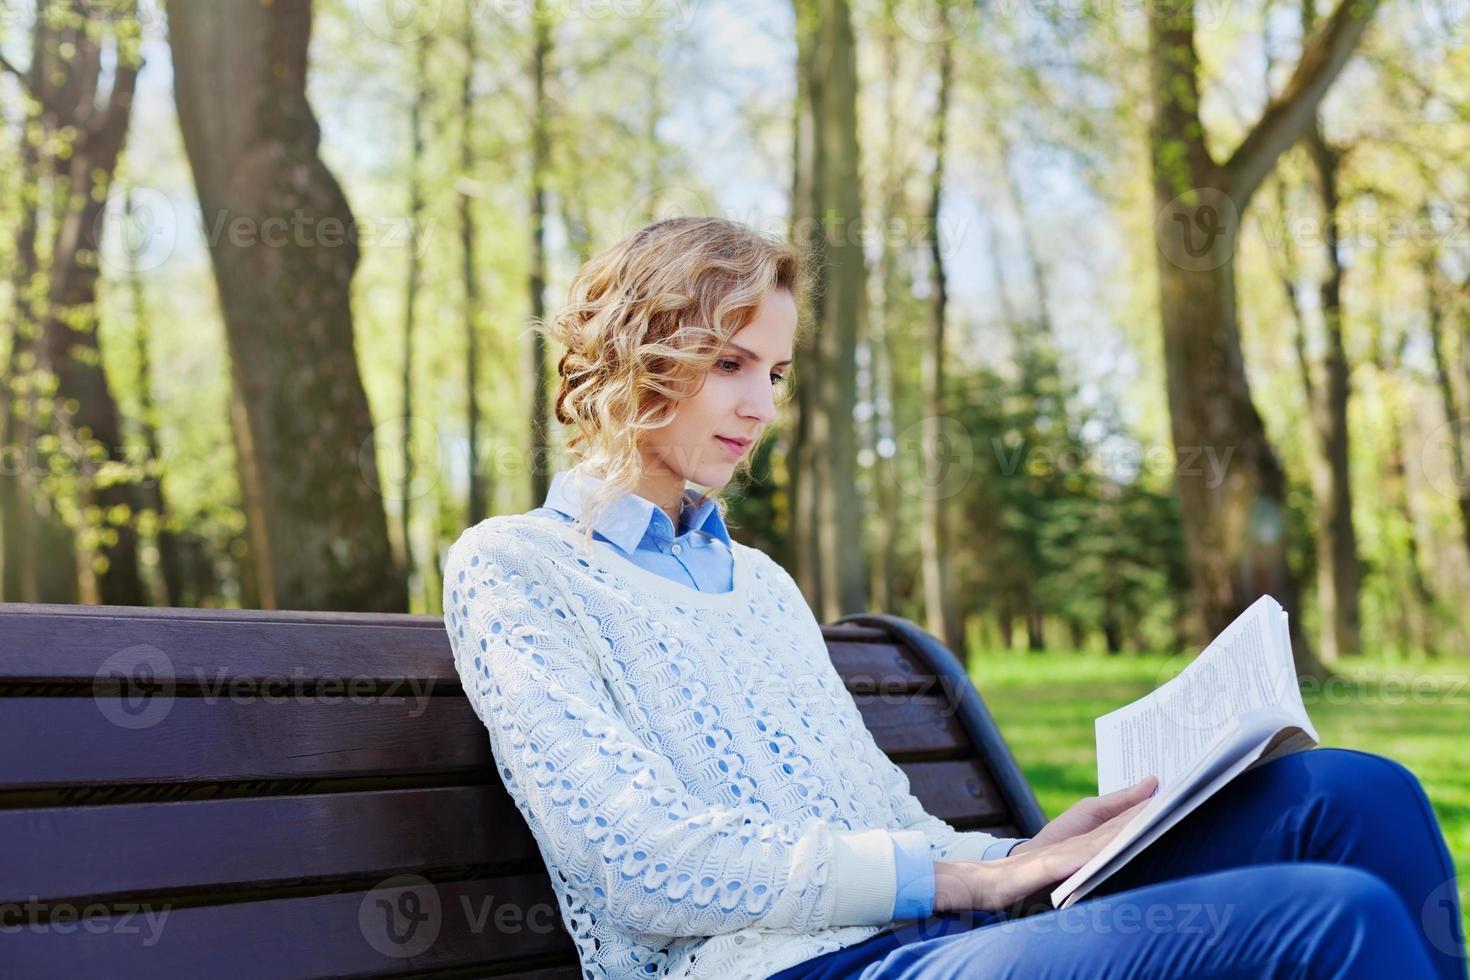 livro de leitura aluna no conceito de parque, ciência e educação foto